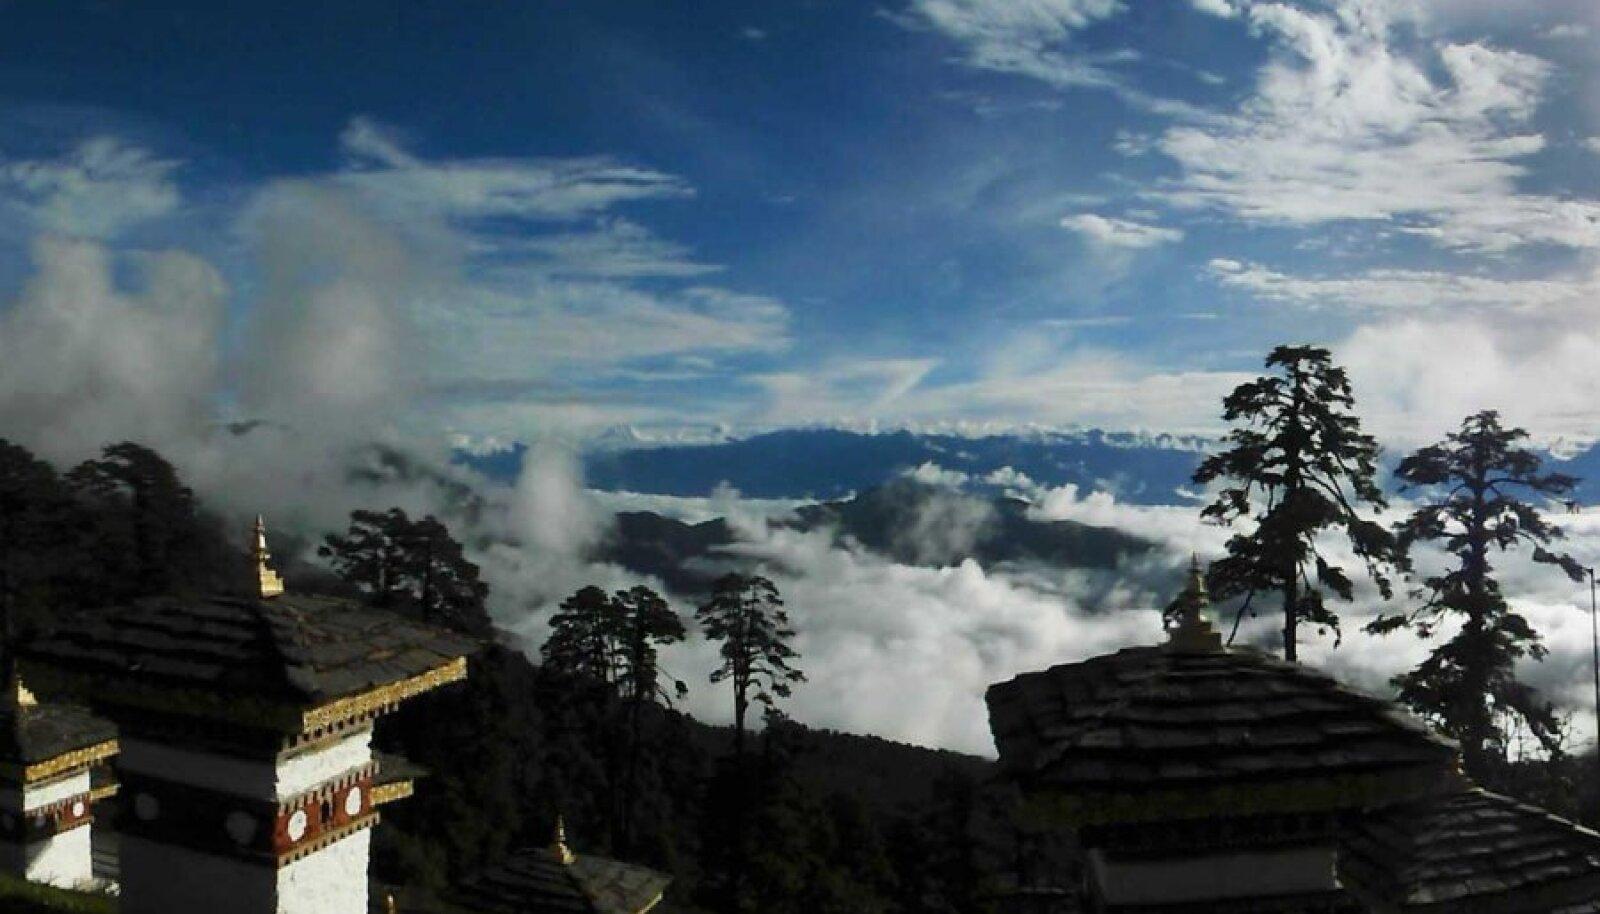 Dochula kuru koidikul: kolme kilomeetri kõrgusel merepinnast ei avane vaade mitte ainult 108 kuulsale stuupale, vaid suurele osale Bhutanile.